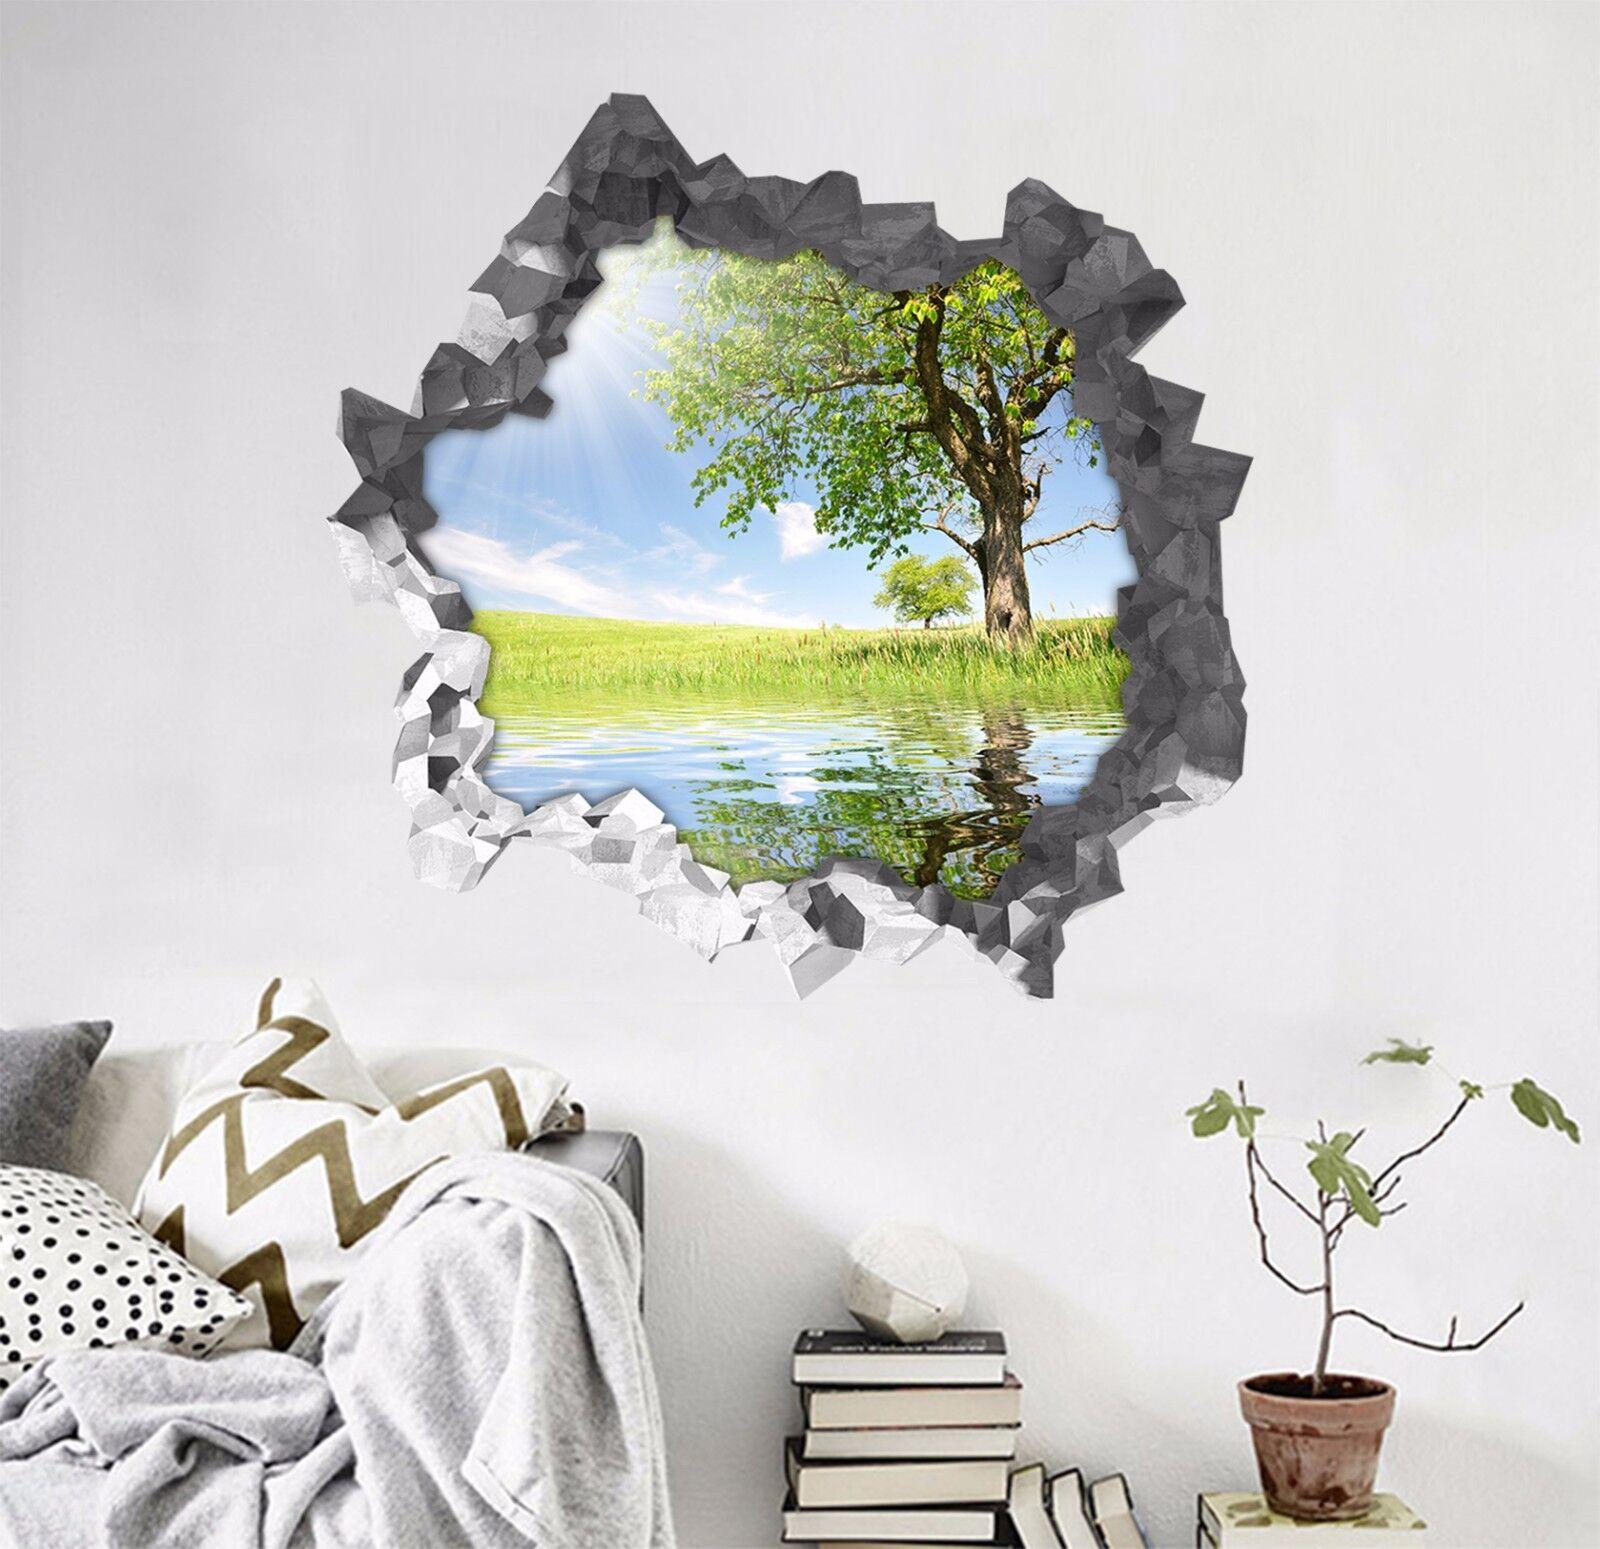 3D Albero Lago 1 Parete Murales Parete Adesivi Decal Sfondamento AJ WALLPAPER IT